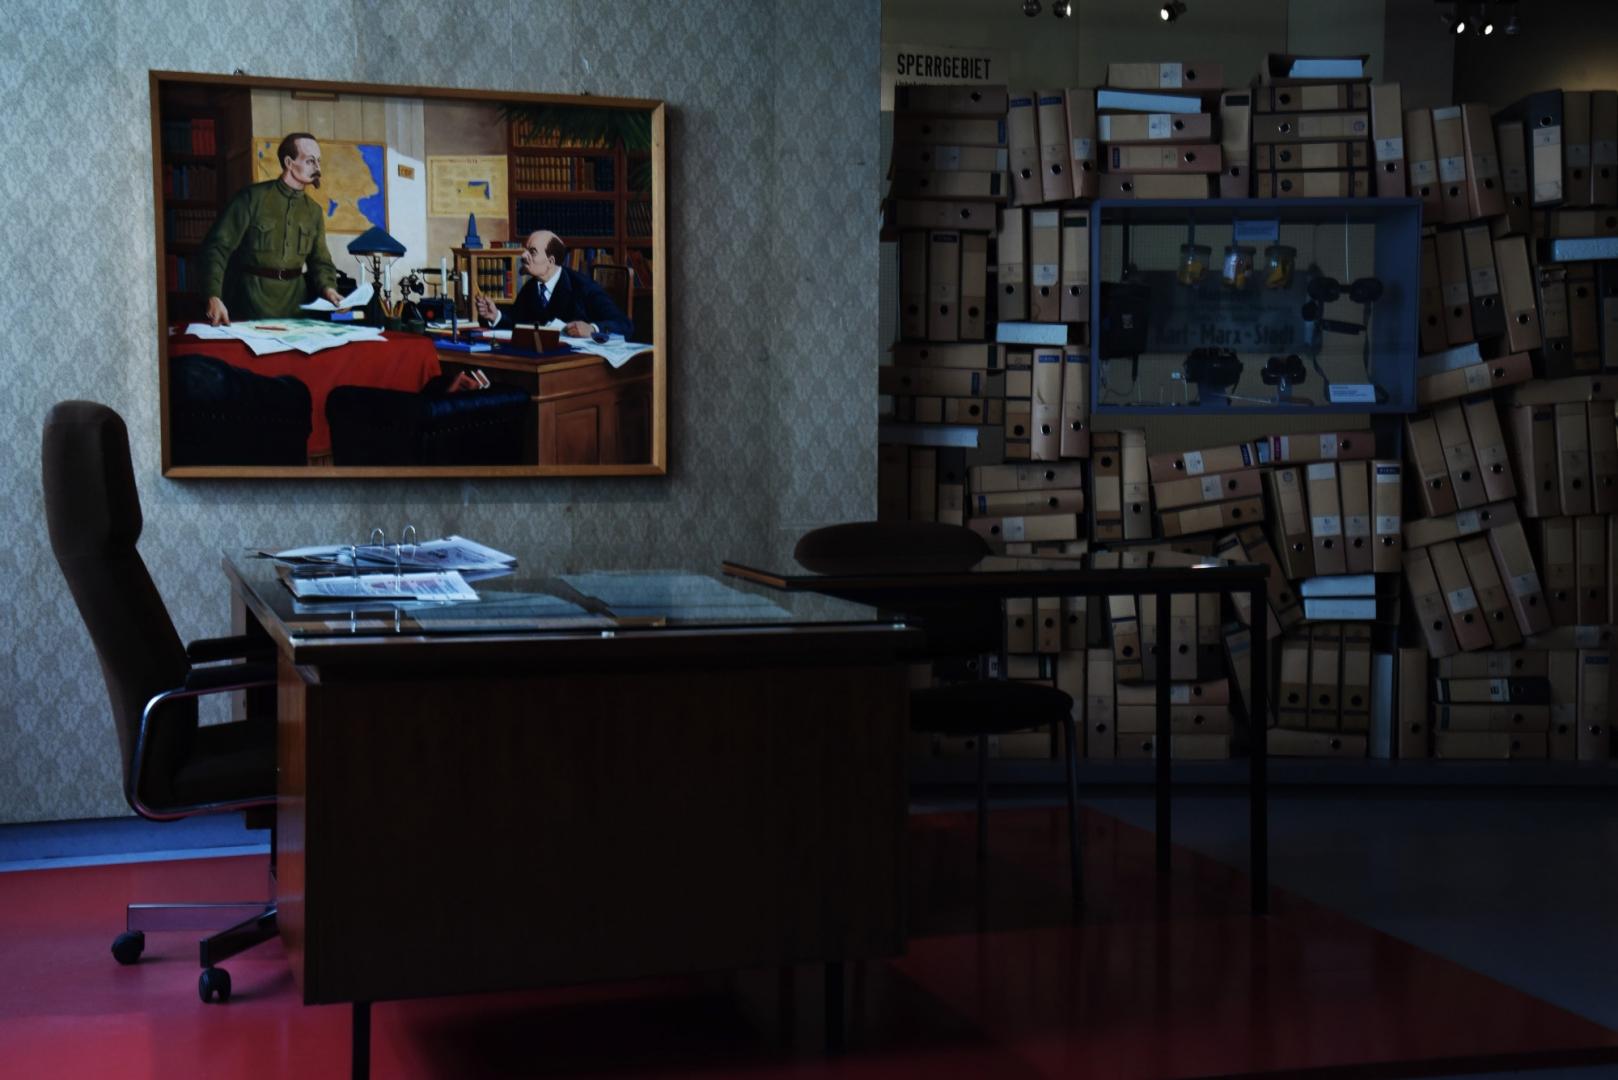 Экспонаты выставки «Разделение и единство, диктатура и сопротивление» в Лейпциге. Эта экспозиция рассказывает об истории диктатуры и сопротивления в ГДР. О том, каких прав и свобод были лишены «осси», о событиях, характеризующих отношения между государственной властью и населением